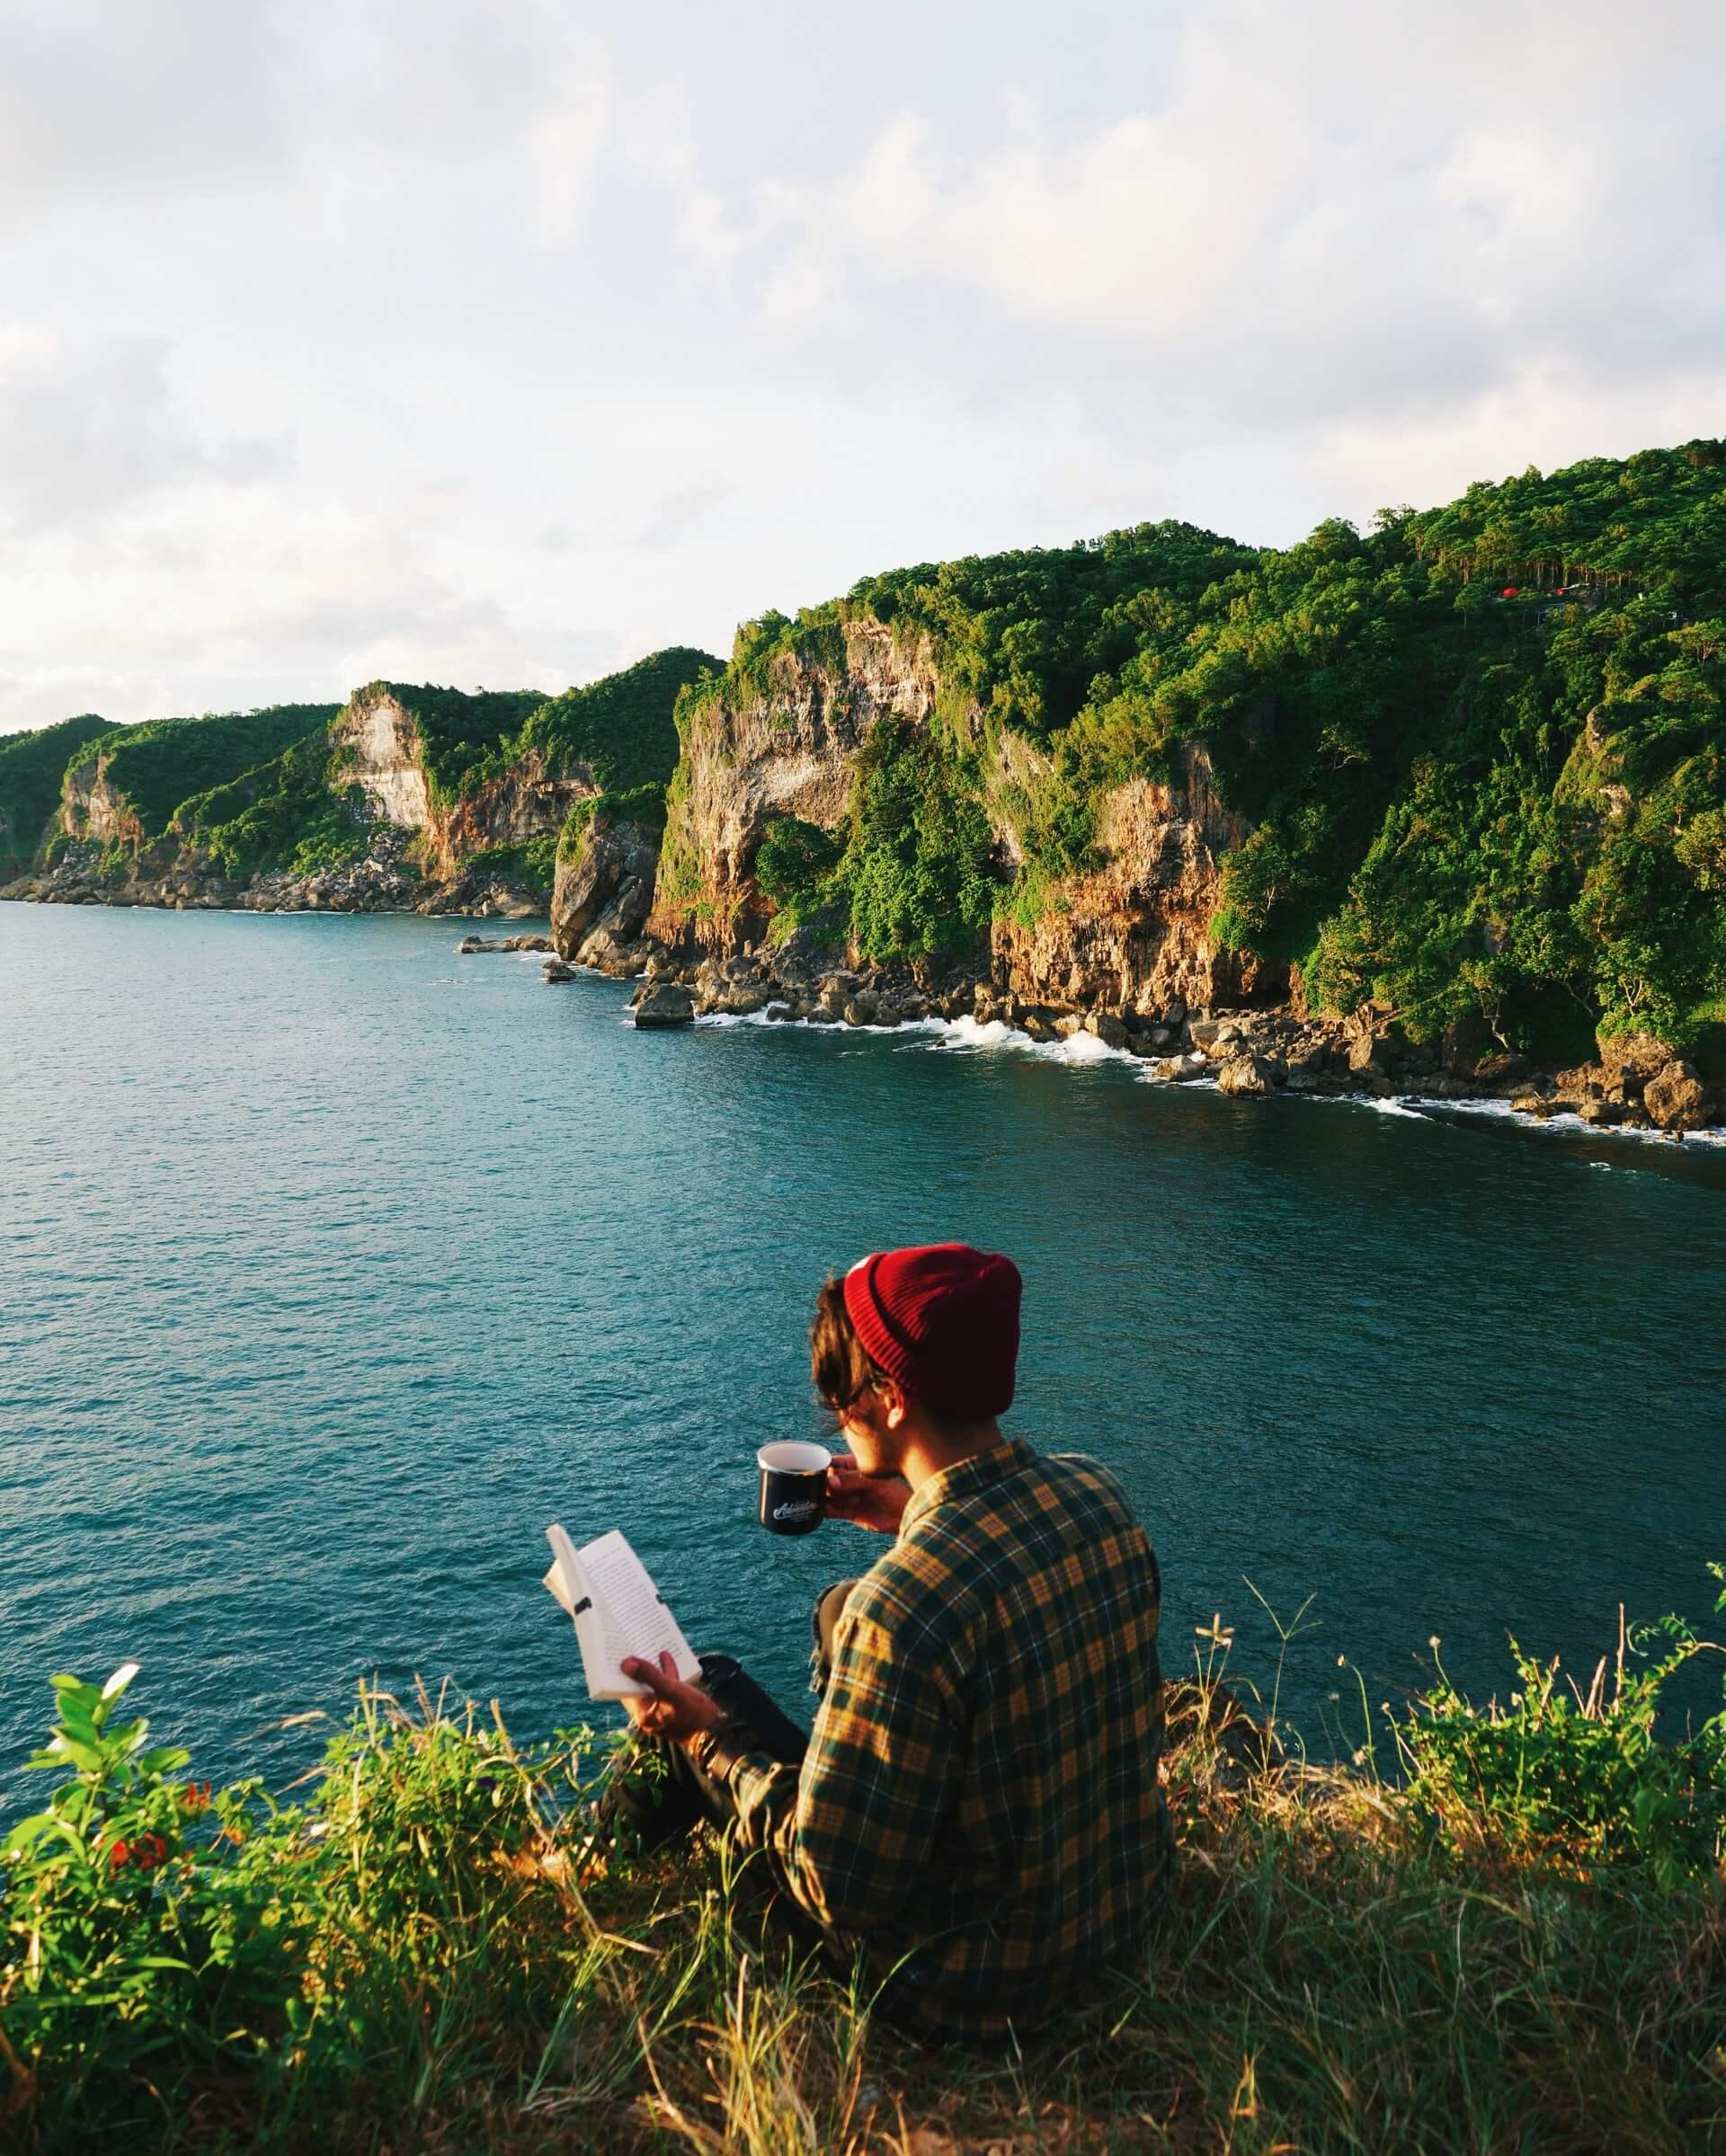 Denize karşı kitap okurken kahve içen genç